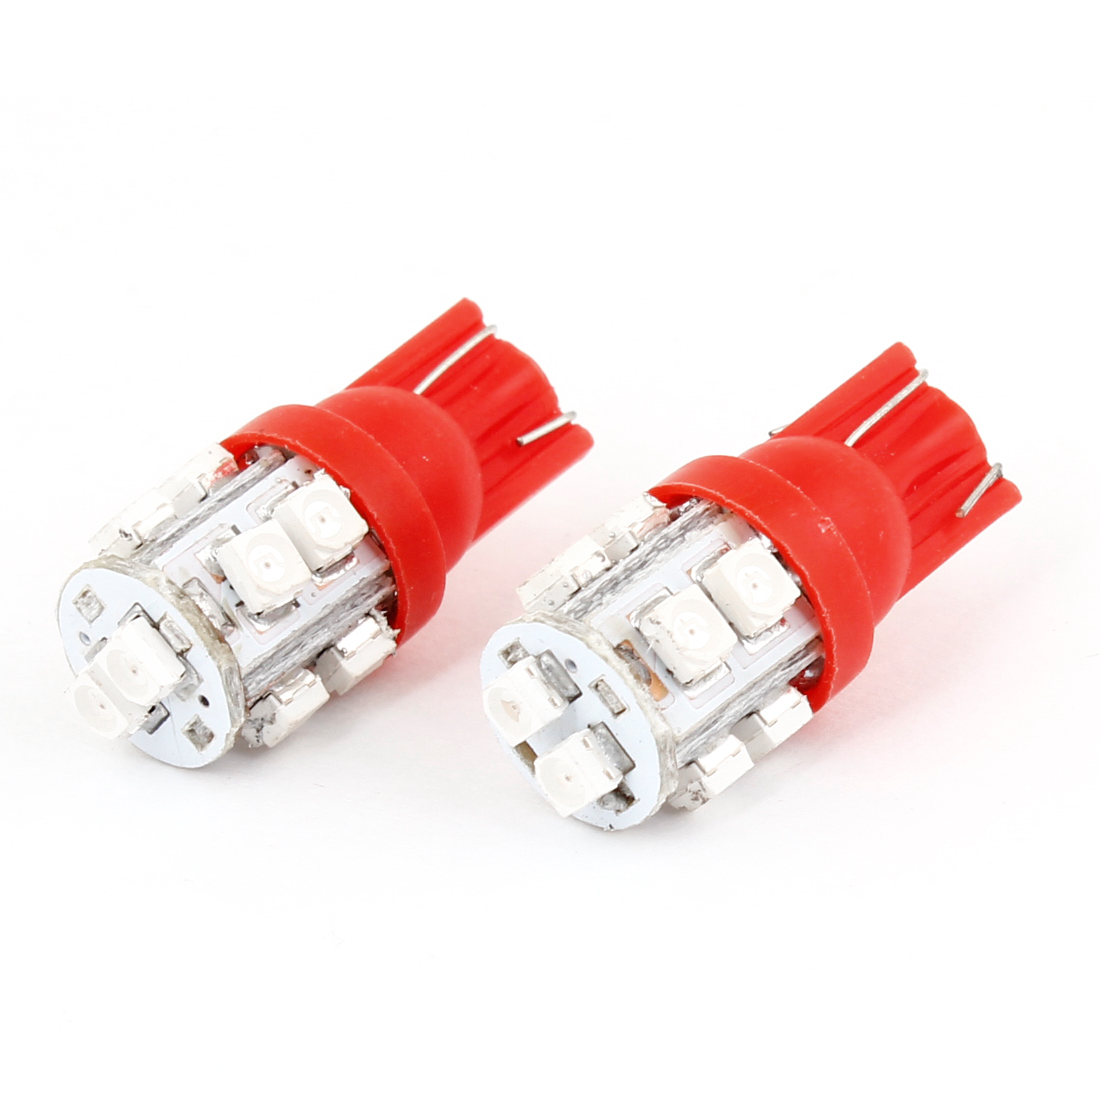 2 Pcs Car Auto T10 Red 10-SMD 1210 158 168 194 LED Light Bulb Lamp